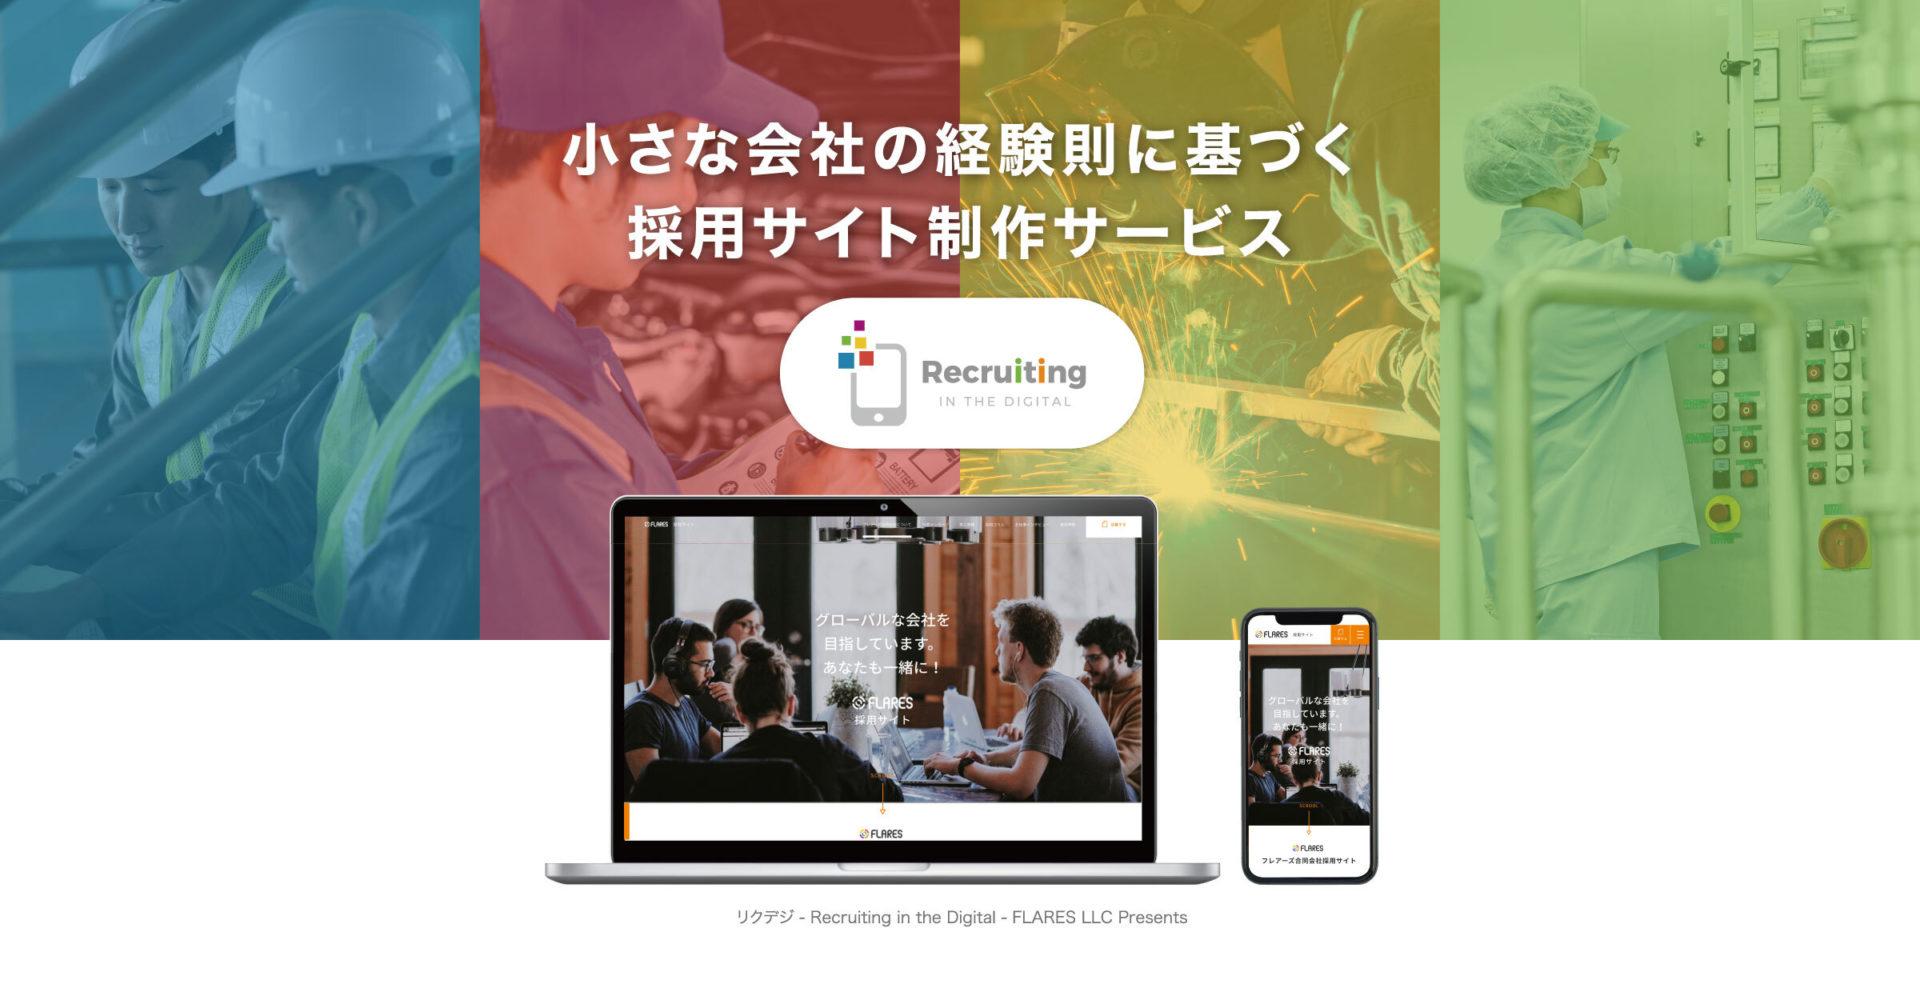 小さな会社の経験則に基づく採用サイト制作サービス リクデジ